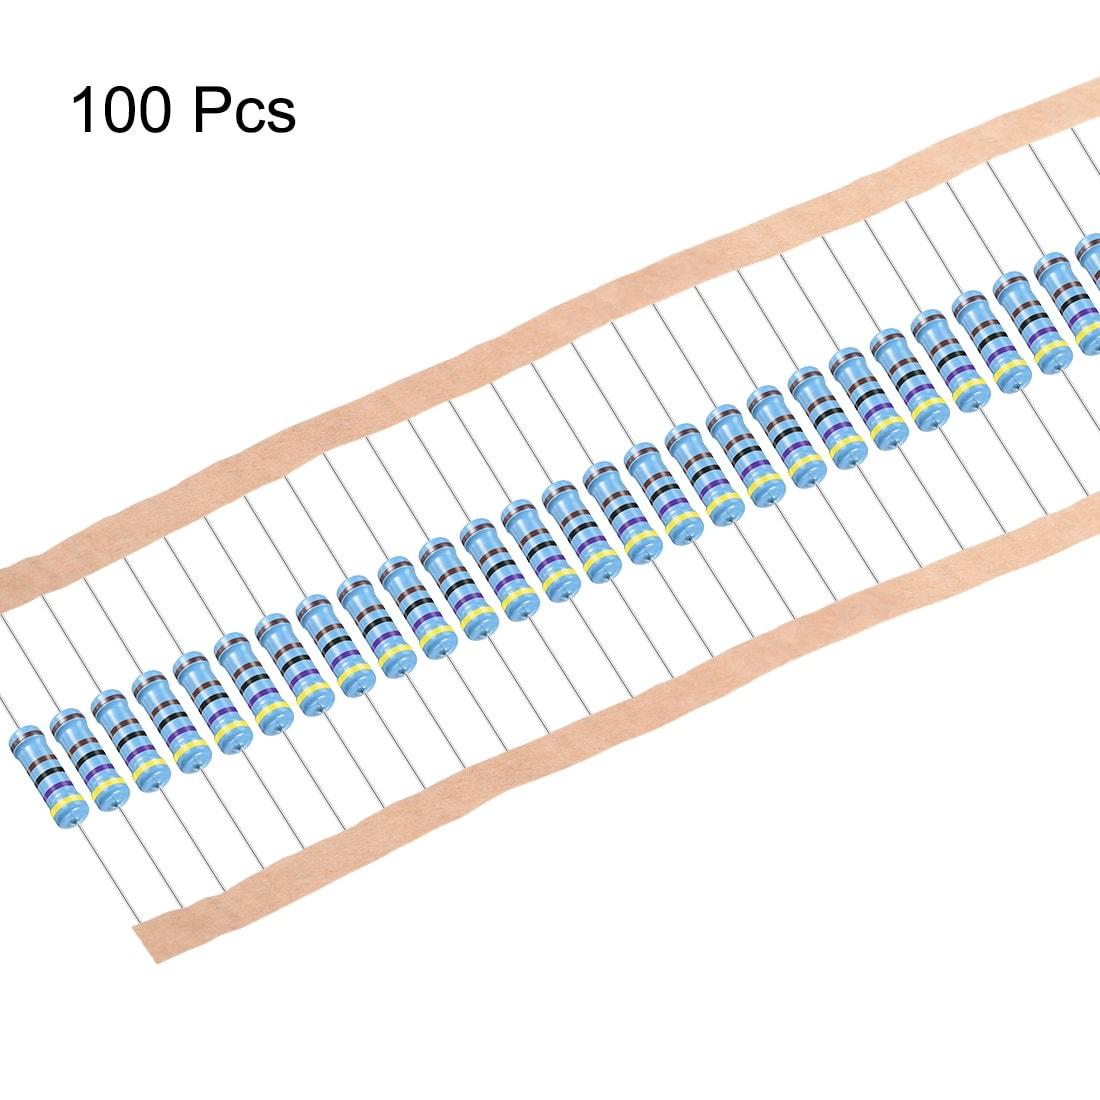 100 resistenza 12,4 K mf0207 metallo Film Resistors 12,4k 0,6w tk50 1/% 032984